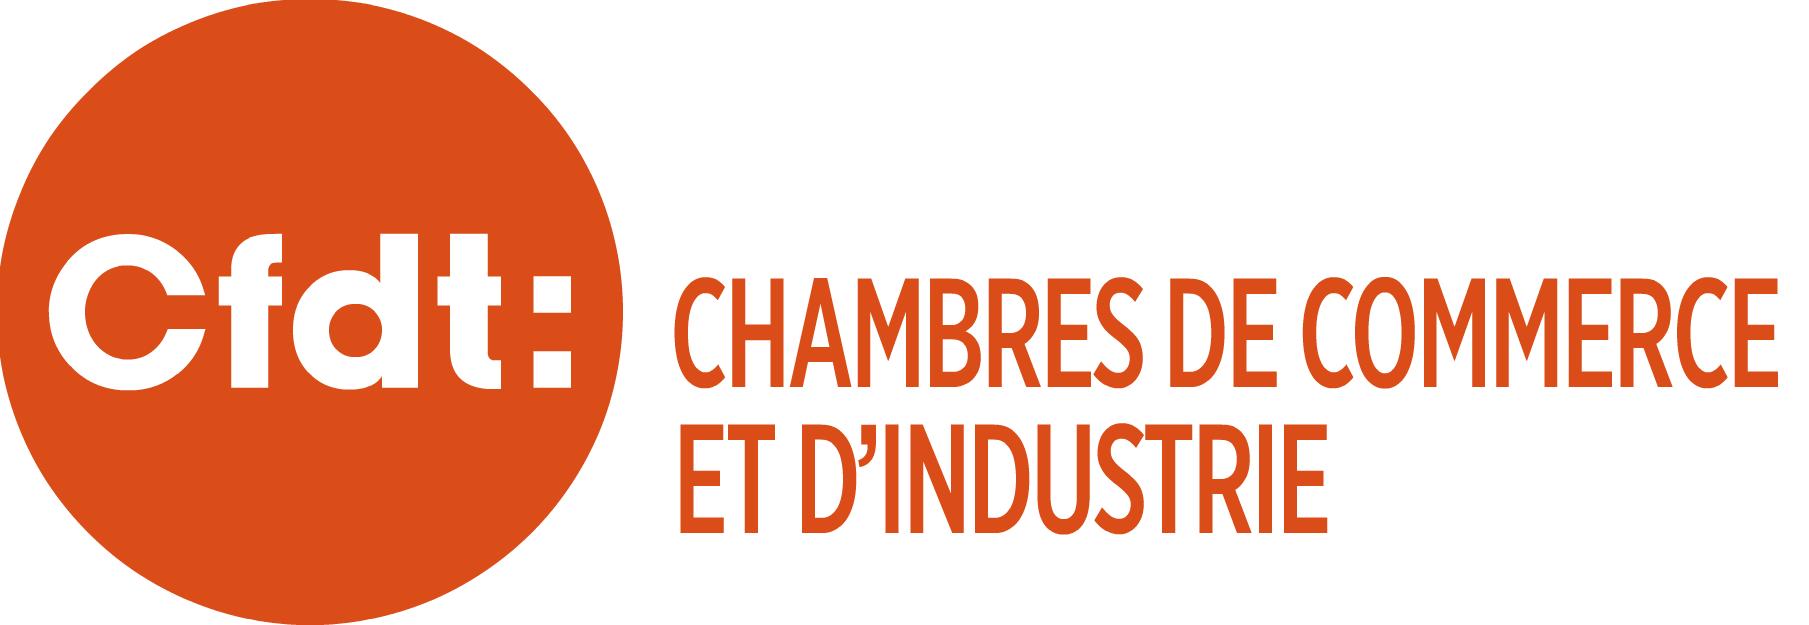 CFDT-CCI, le Syndicat National des Personnels des Chambres de Commerce et d'Industrie